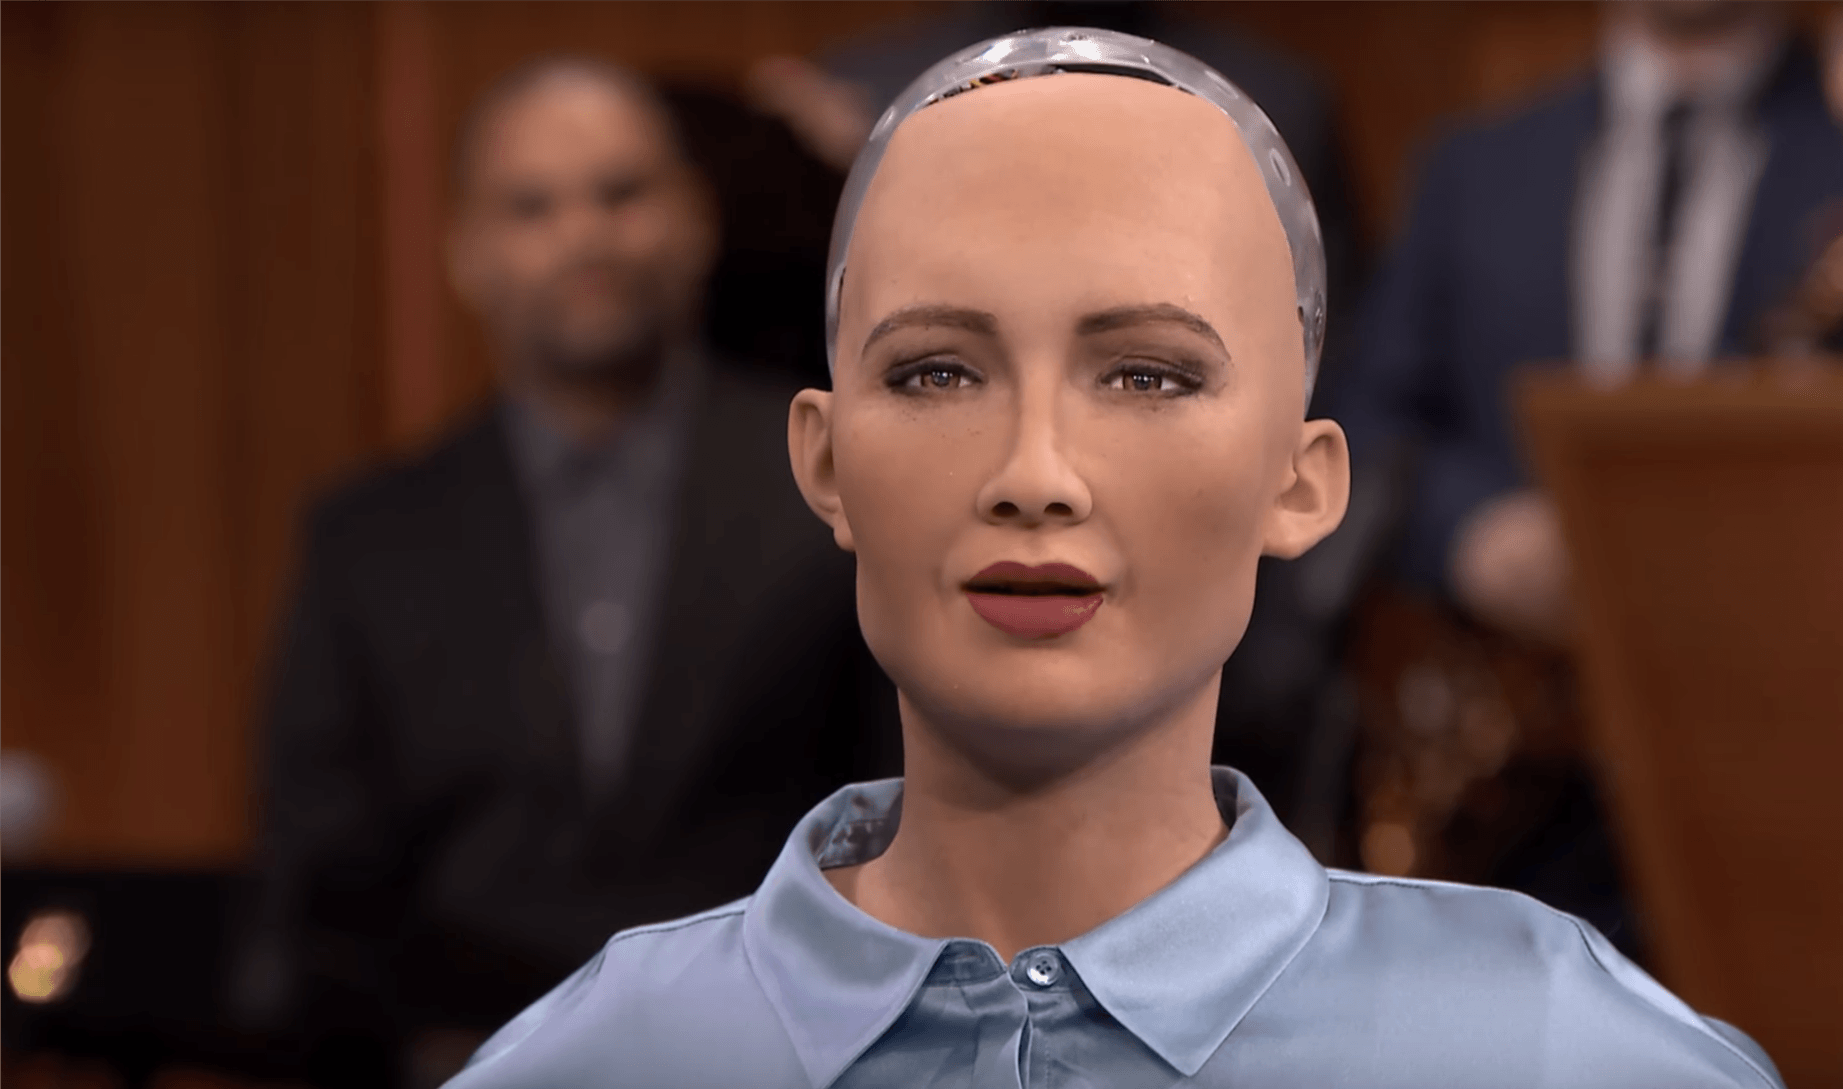 Tabletowo.pl Android Sophia na konferencji w Krakowie. Robot wygląda jak człowiek i stara się zachowywać jak my Ciekawostki Sztuczna Inteligencja Technologie